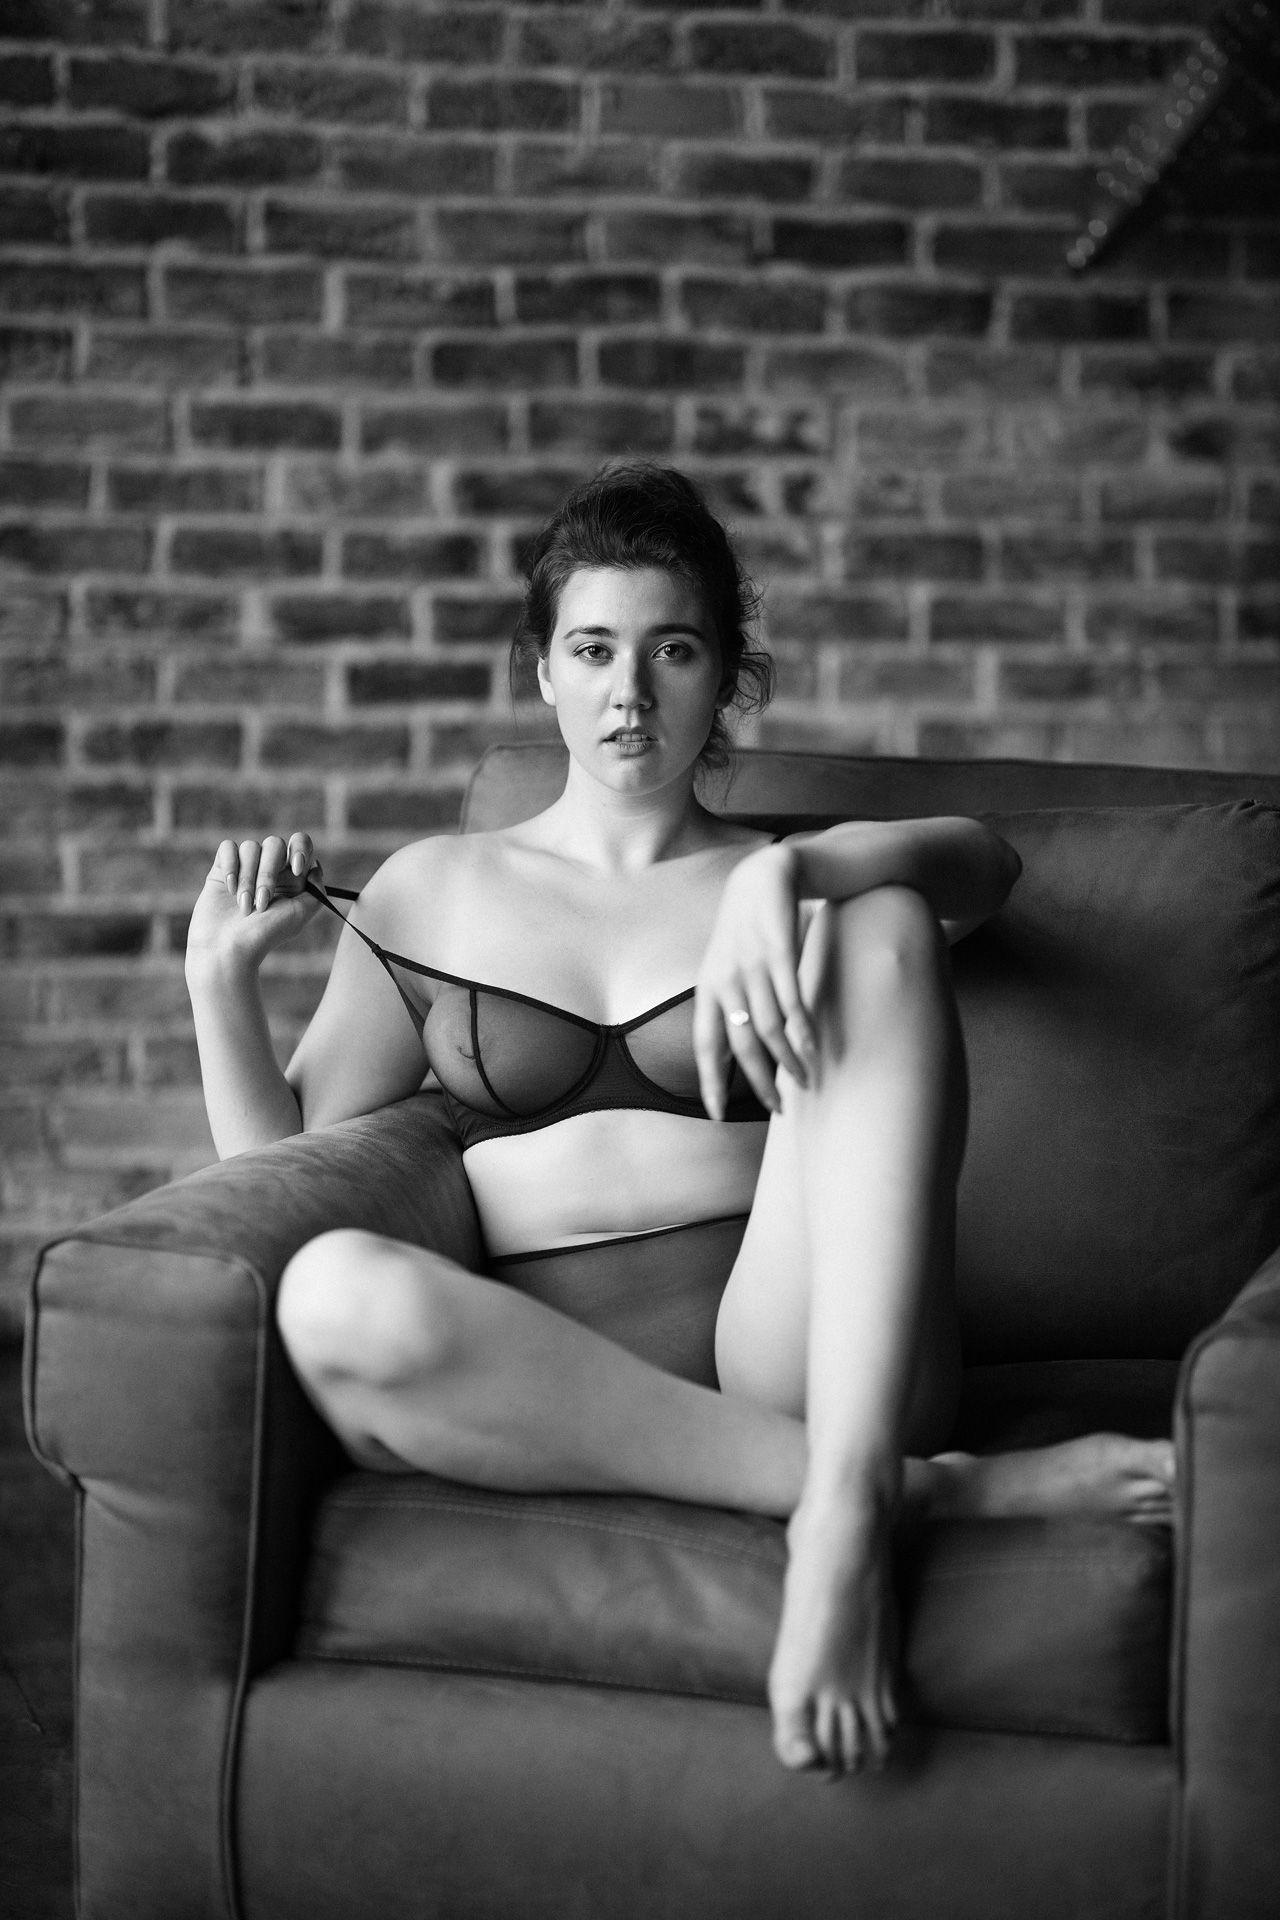 девушка взгляд портрет студия черно-белое, Сергеева Ксения